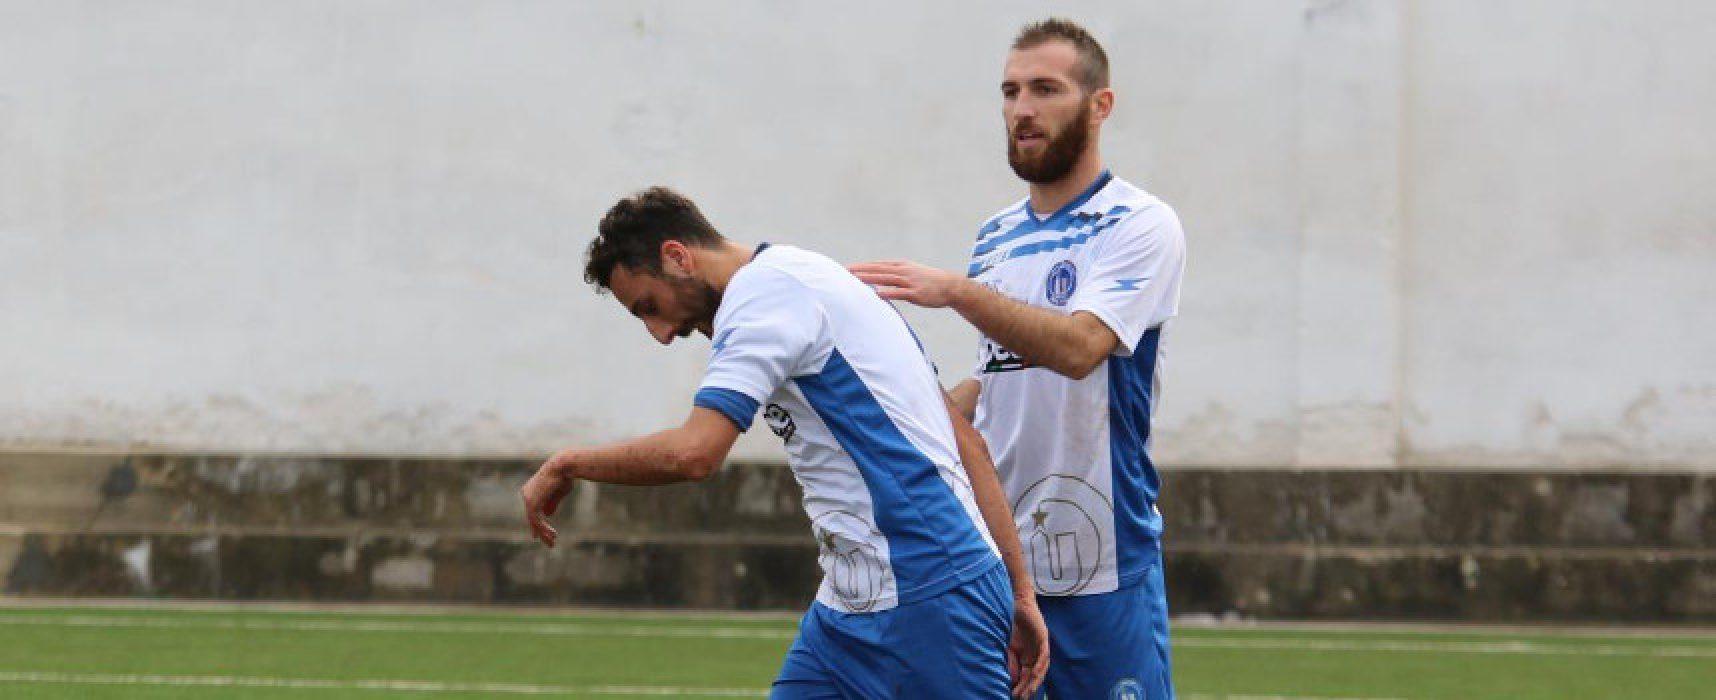 Unione Calcio Bisceglie – Unione Sportiva Bitonto 1-0 / VIDEO HIGHLIGHTS